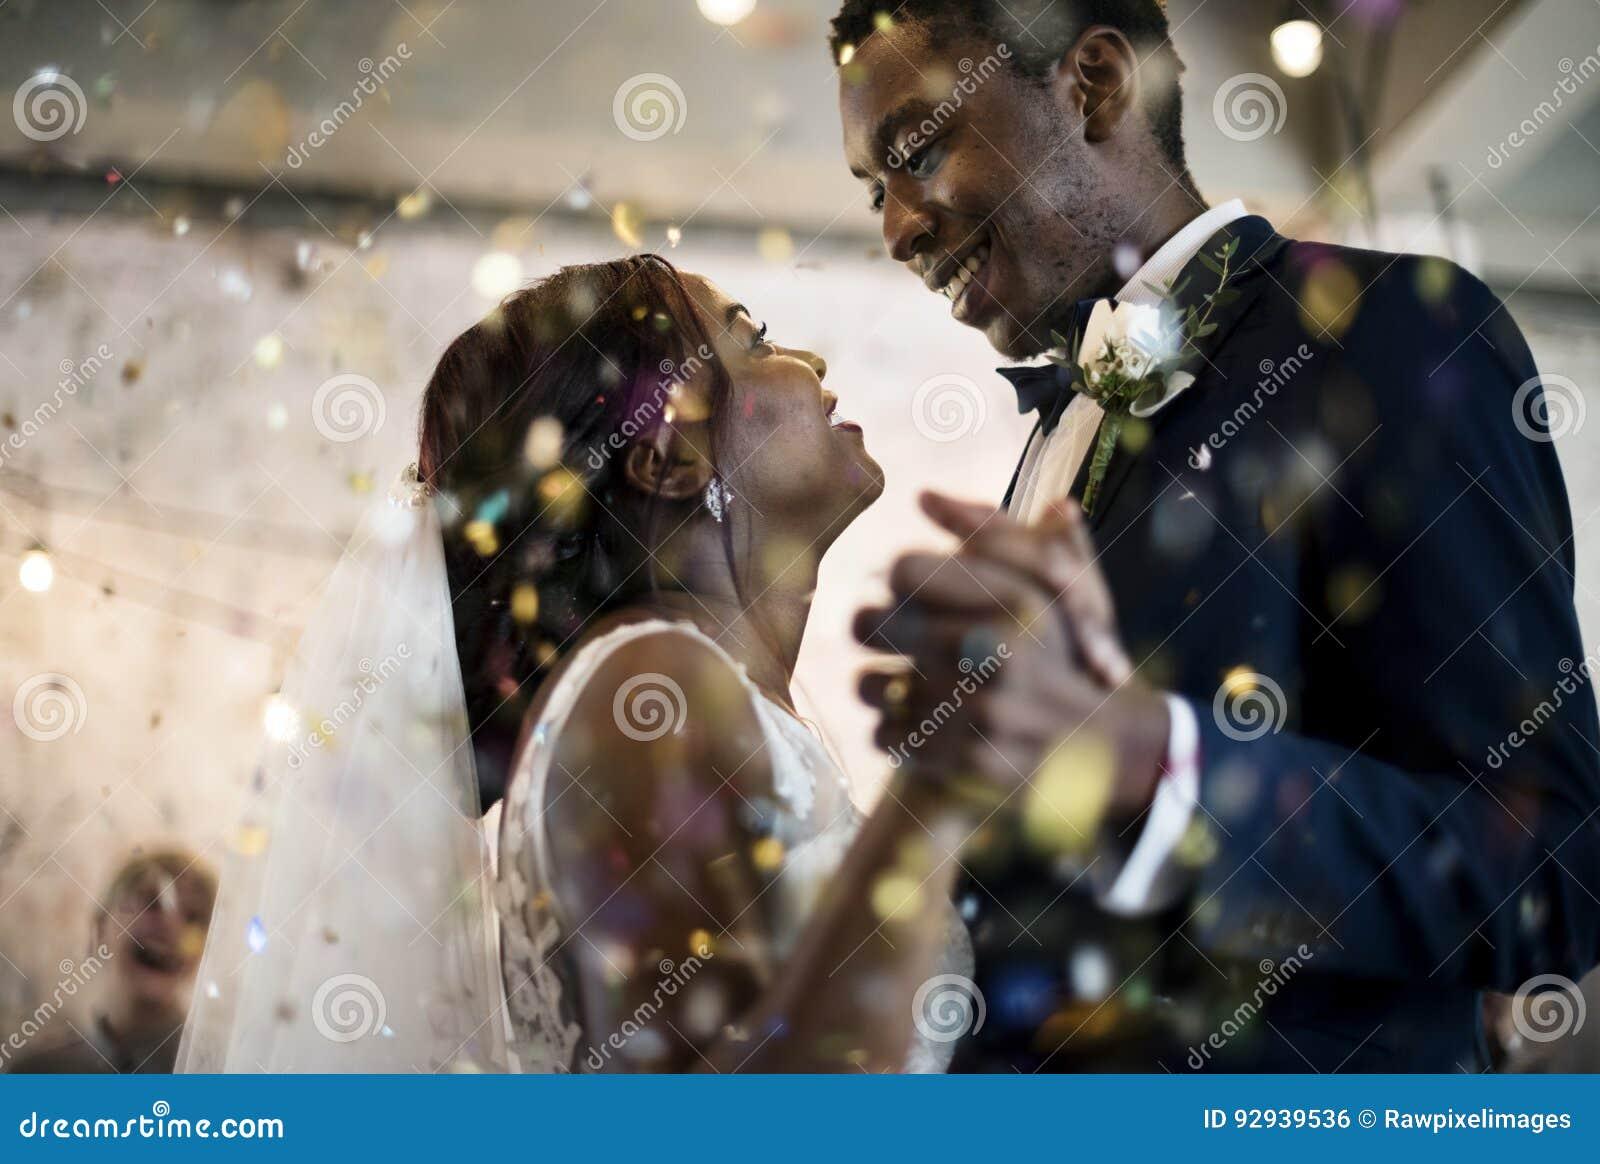 Célébration de mariage de danse de couples d origine africaine de nouveaux mariés